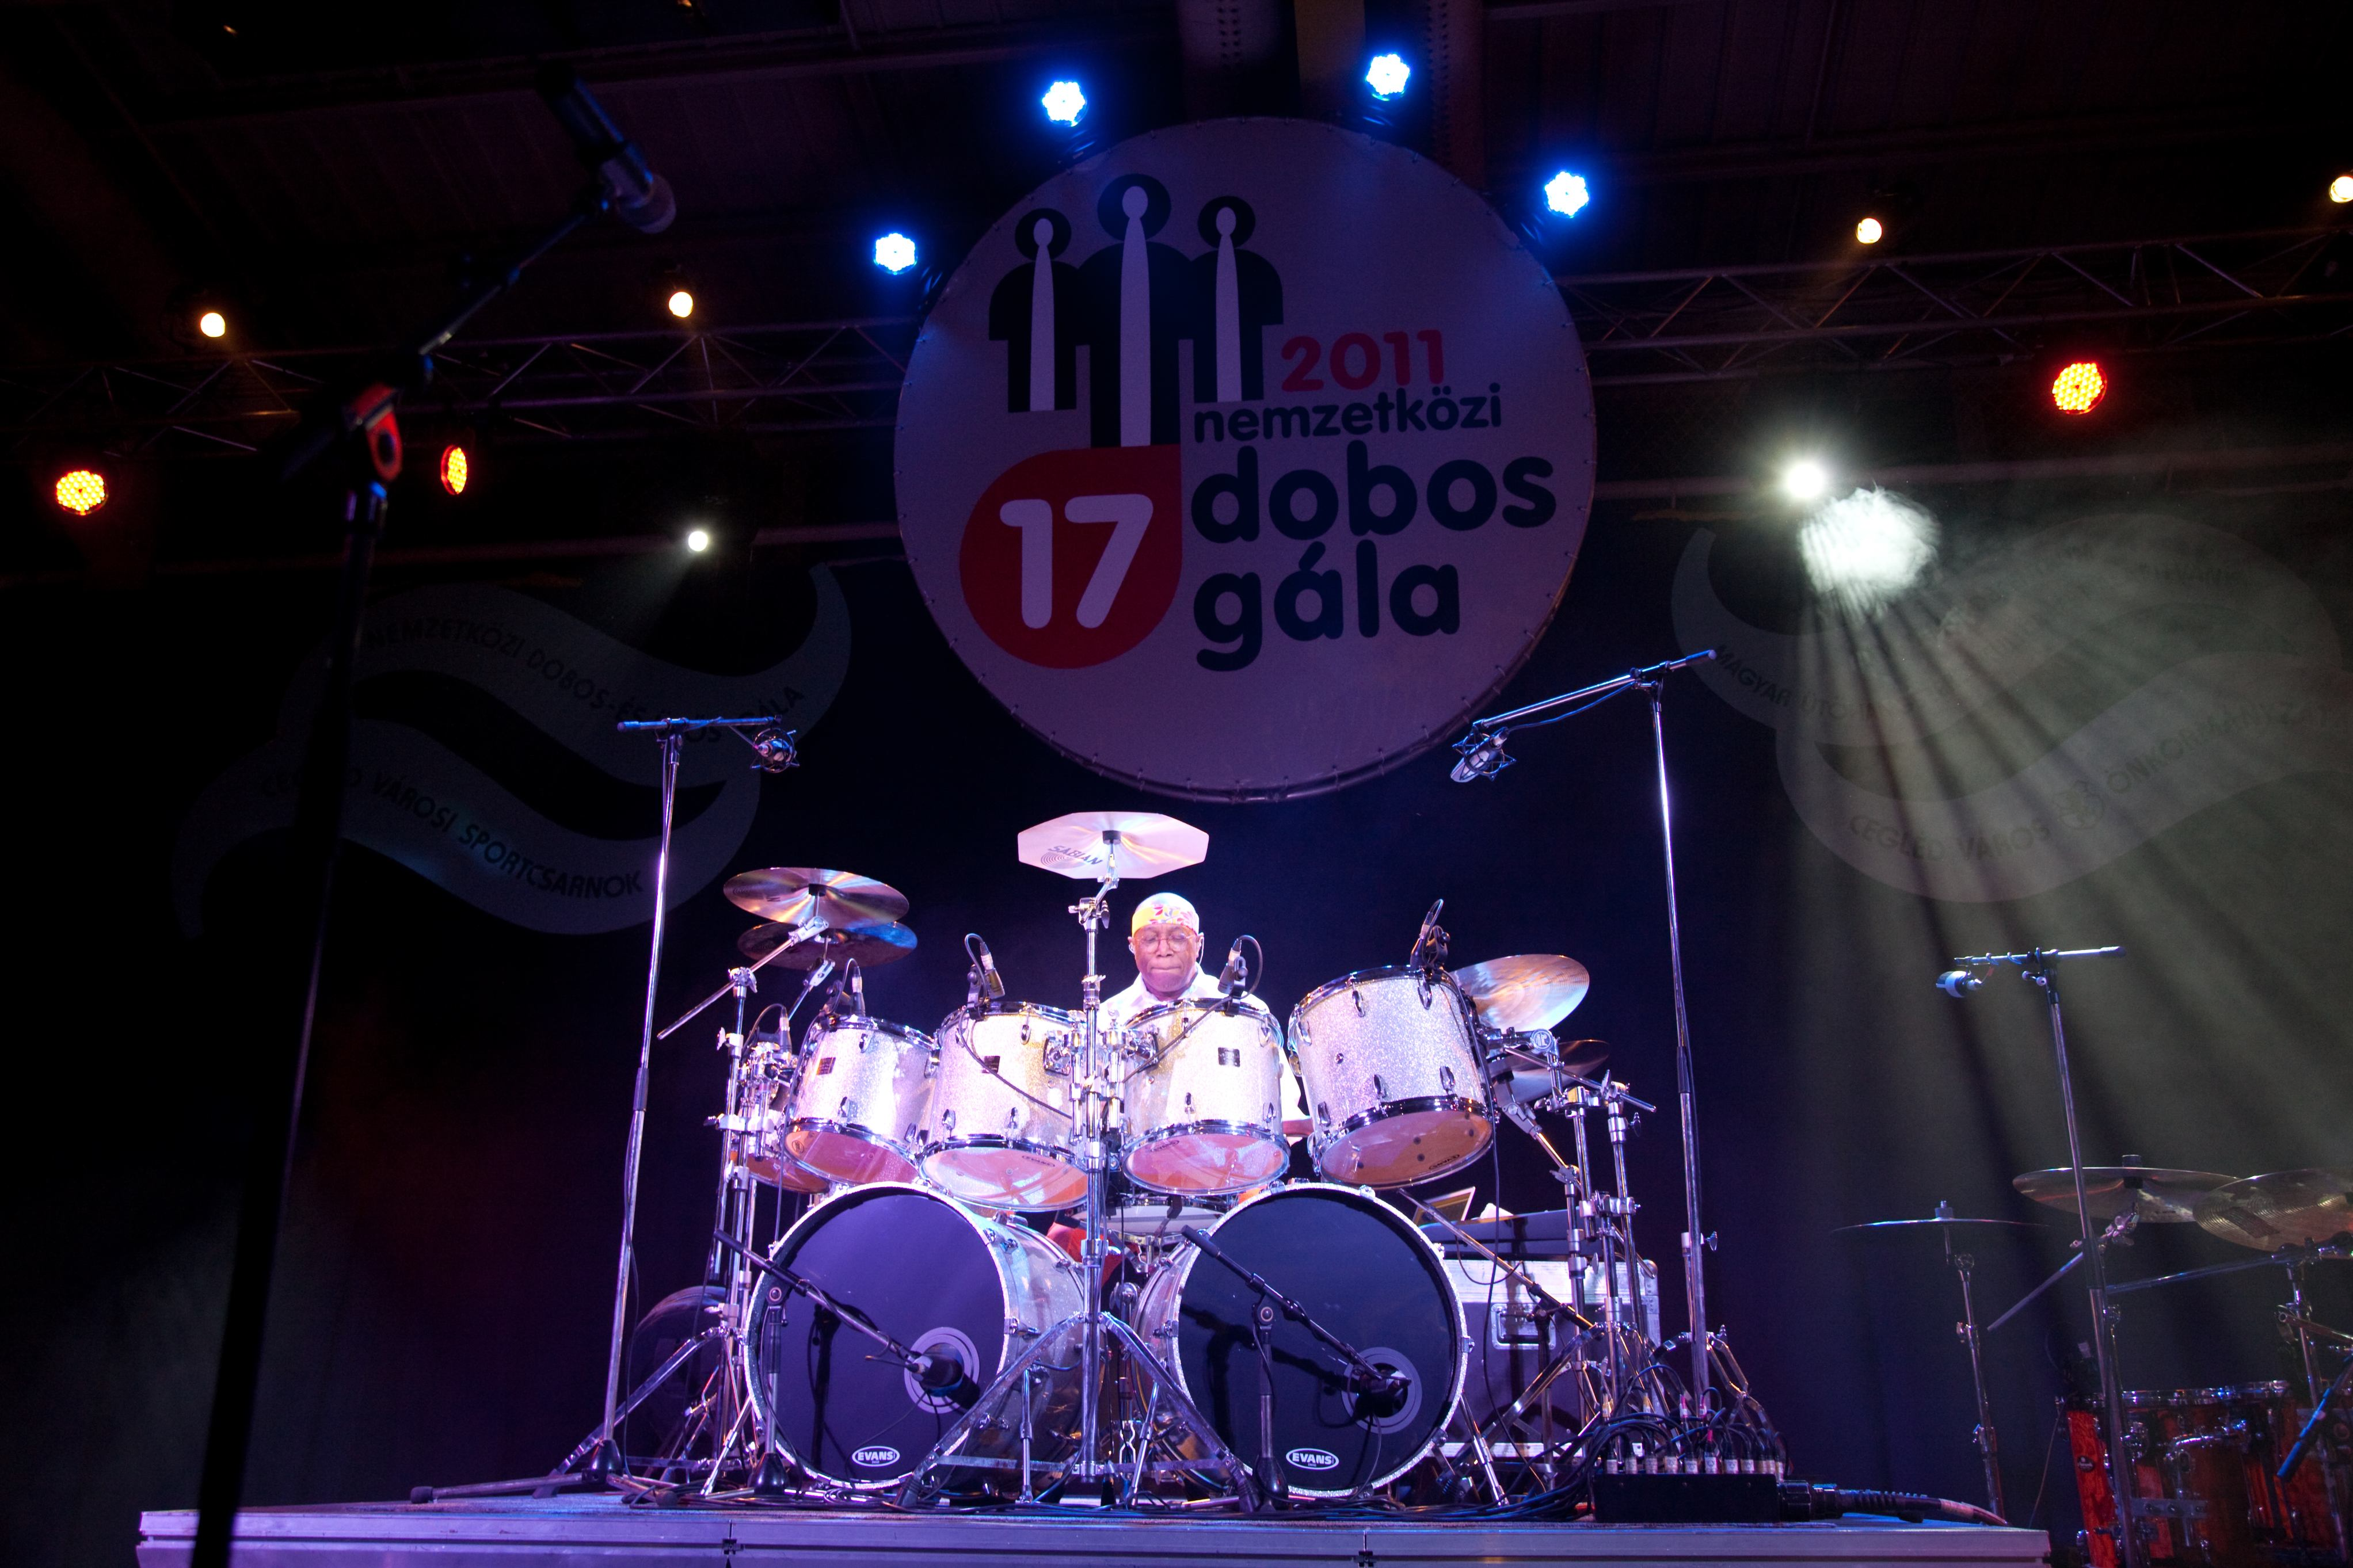 Billy Cobham a 2011-es Nemzetközi Dobosgálán